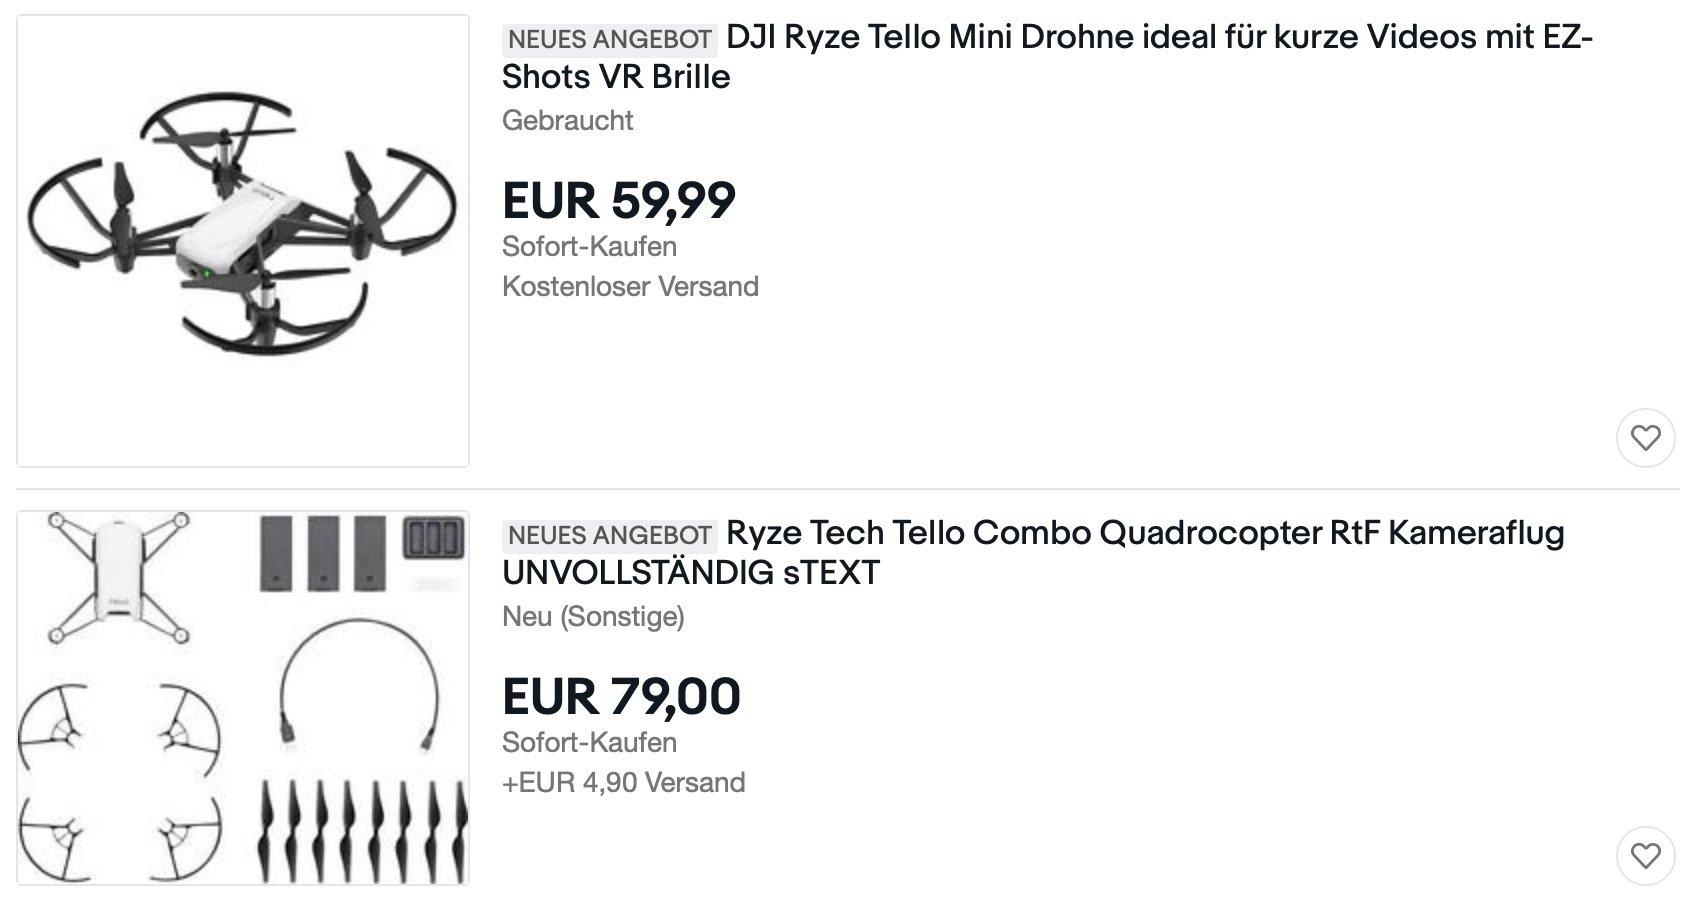 DJI Ryze Tello günstig kaufen